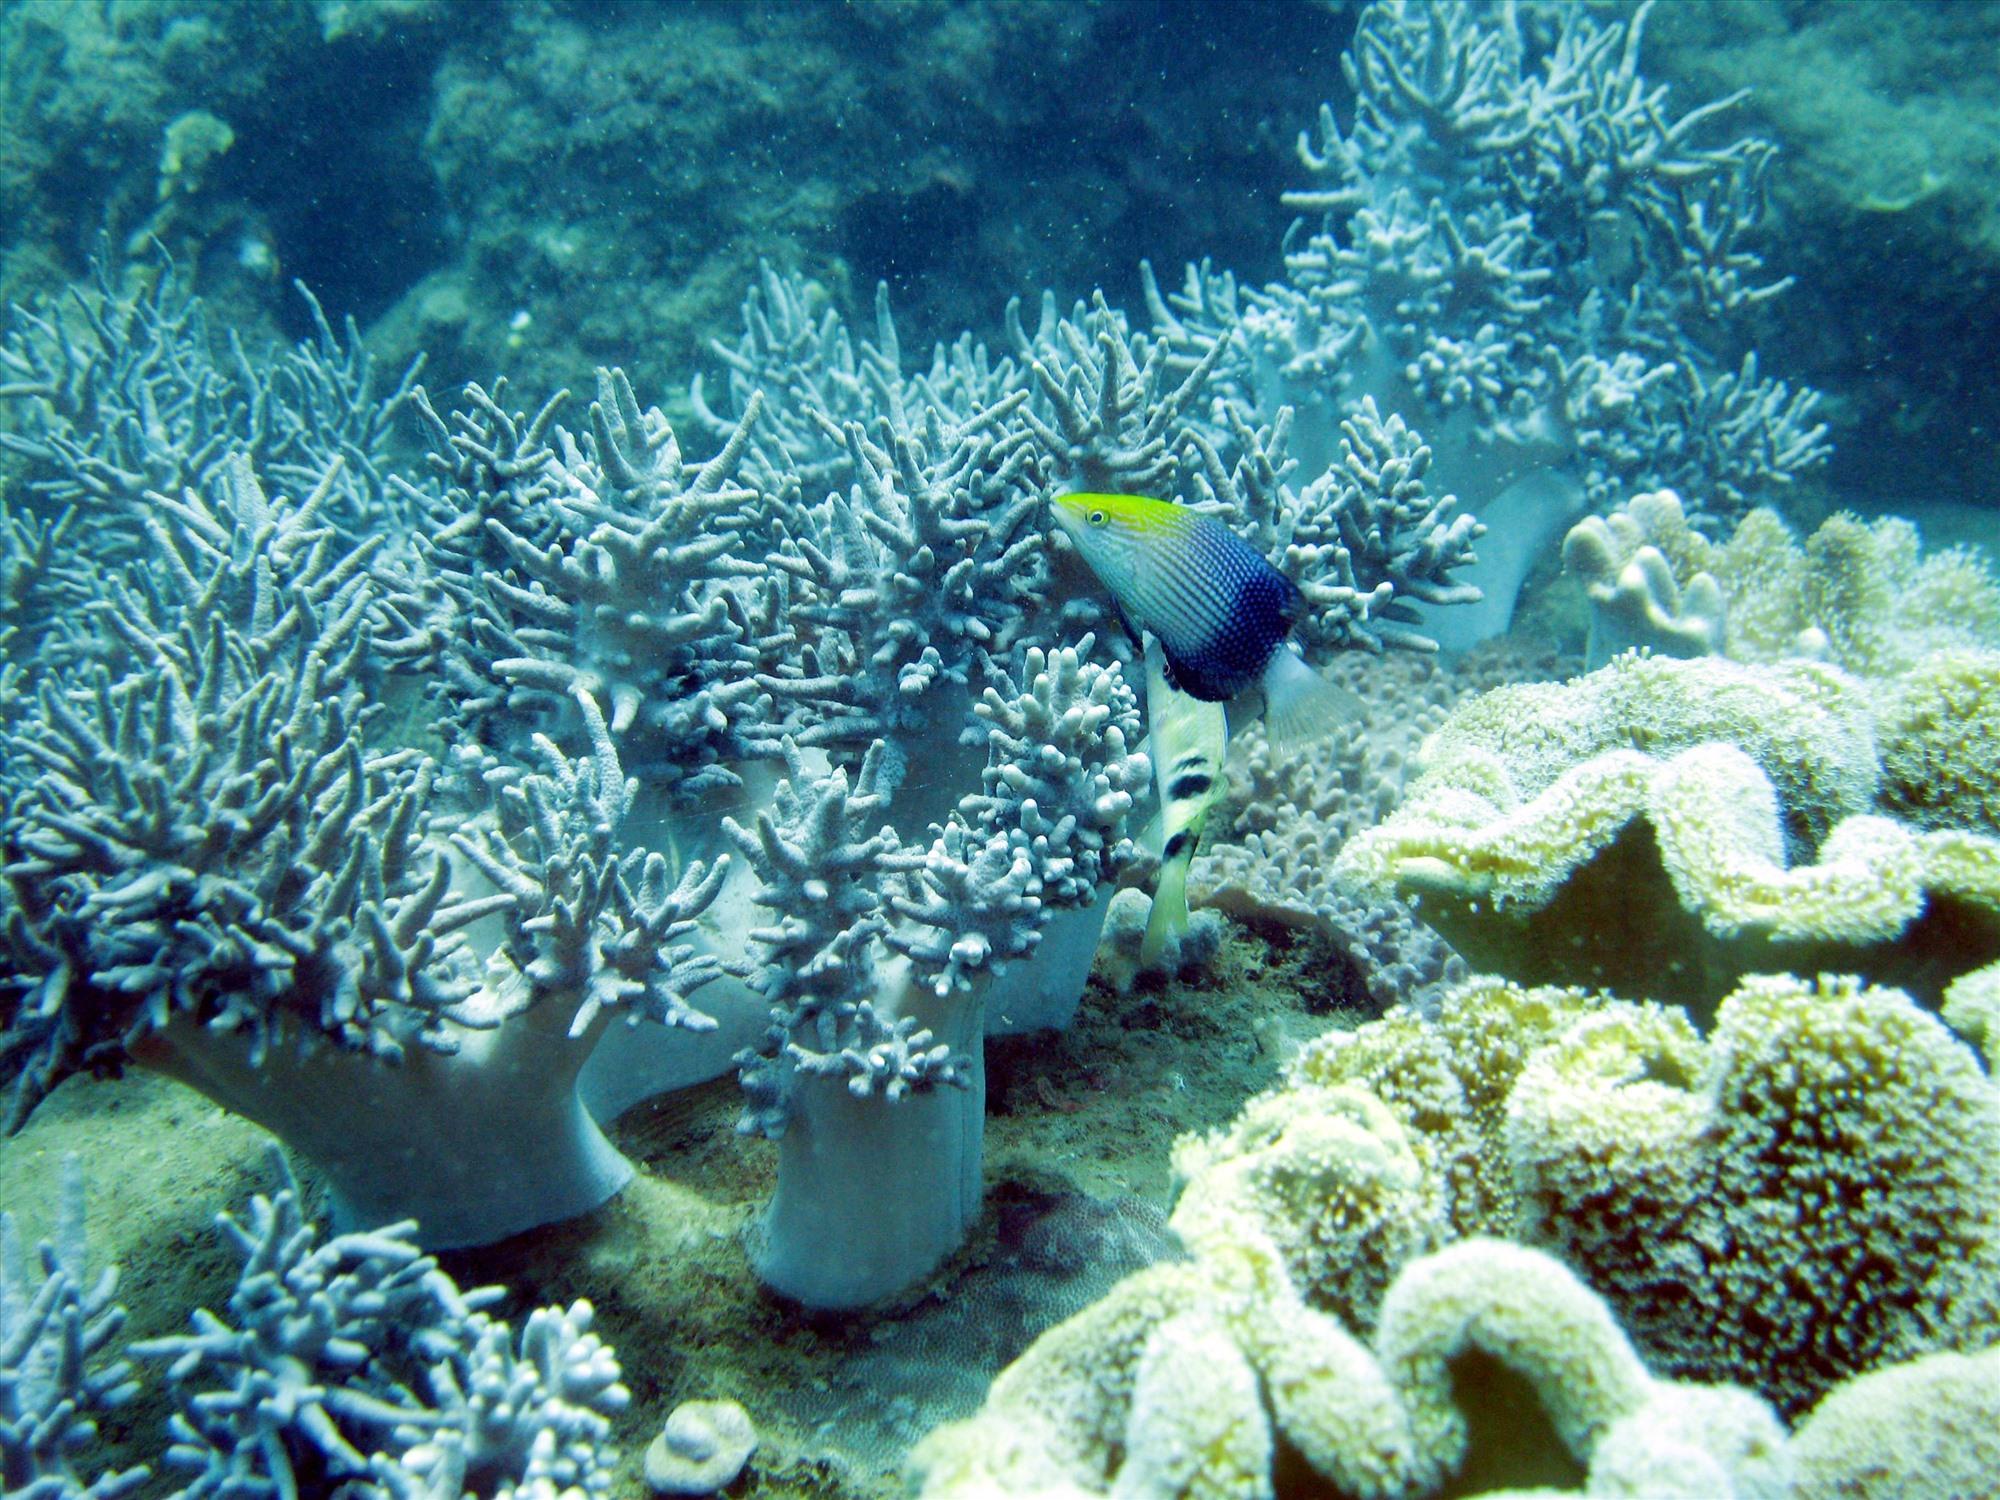 Vùng biển Quảng Nam rất đa dạng sinh học. Ảnh: VIỆT NGUYỄN